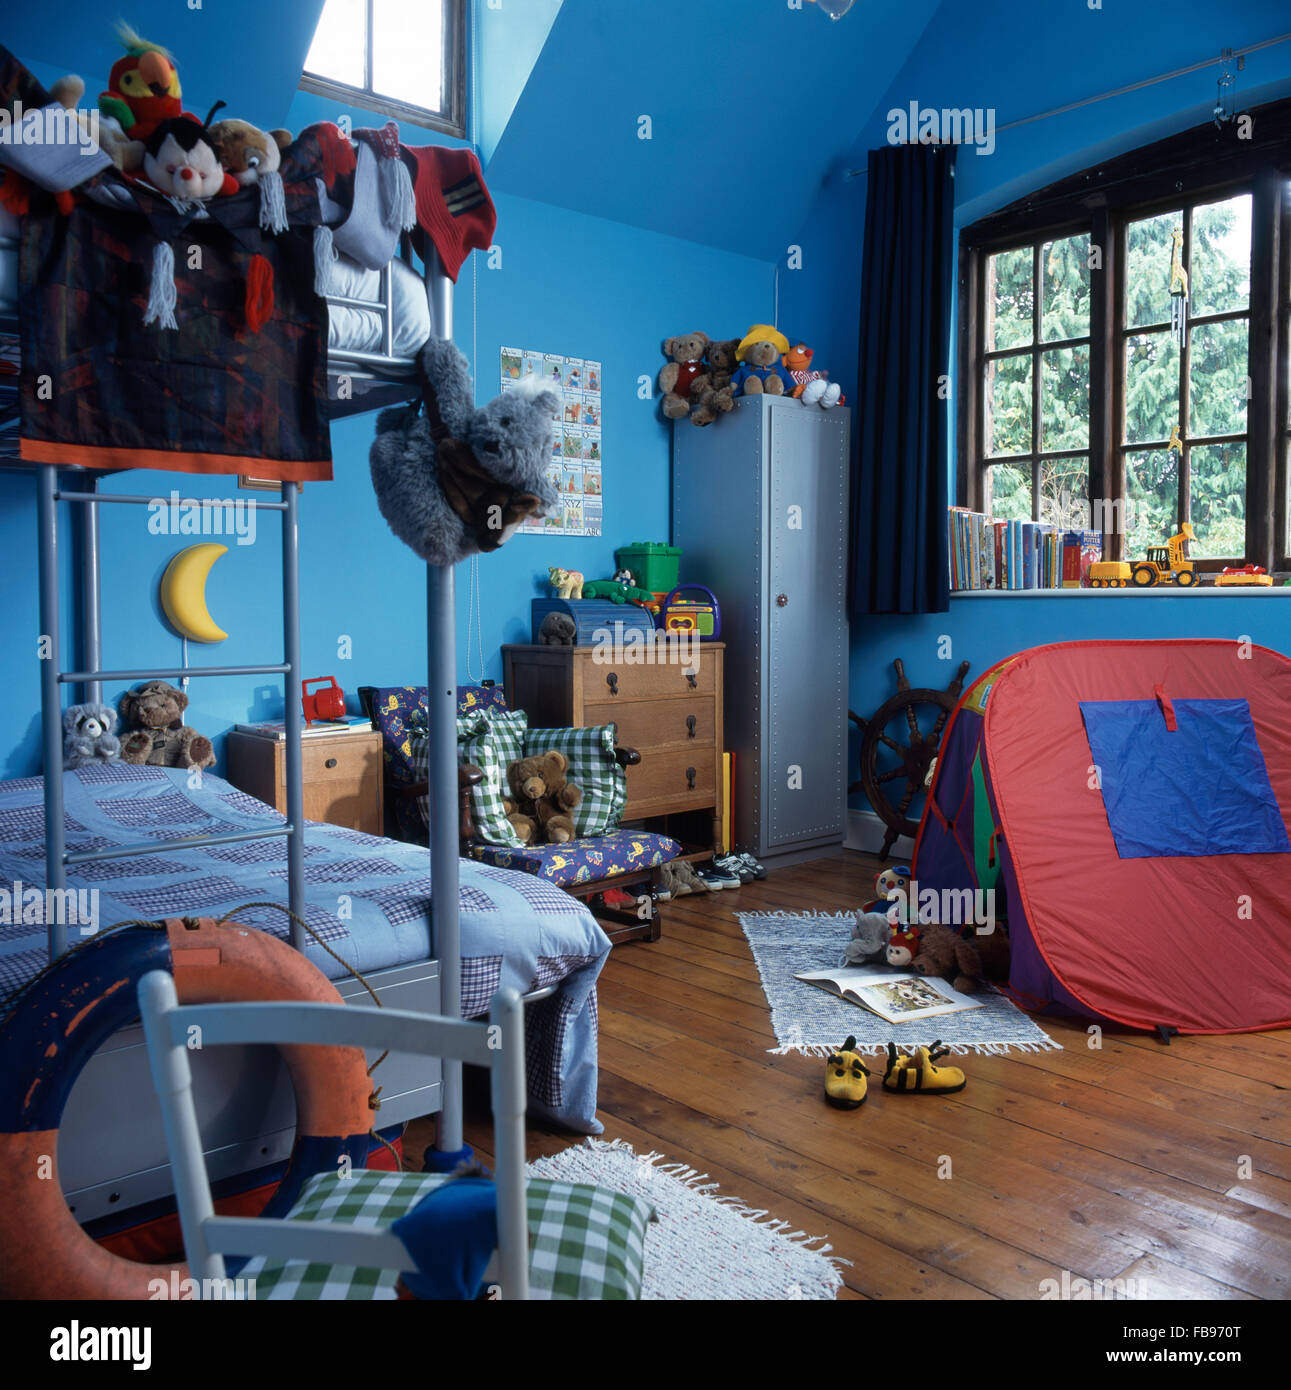 Tenda Letto A Castello.Gioco Colorato In Tenda Per Bambini Degli Anni Novanta Blu Camera Da